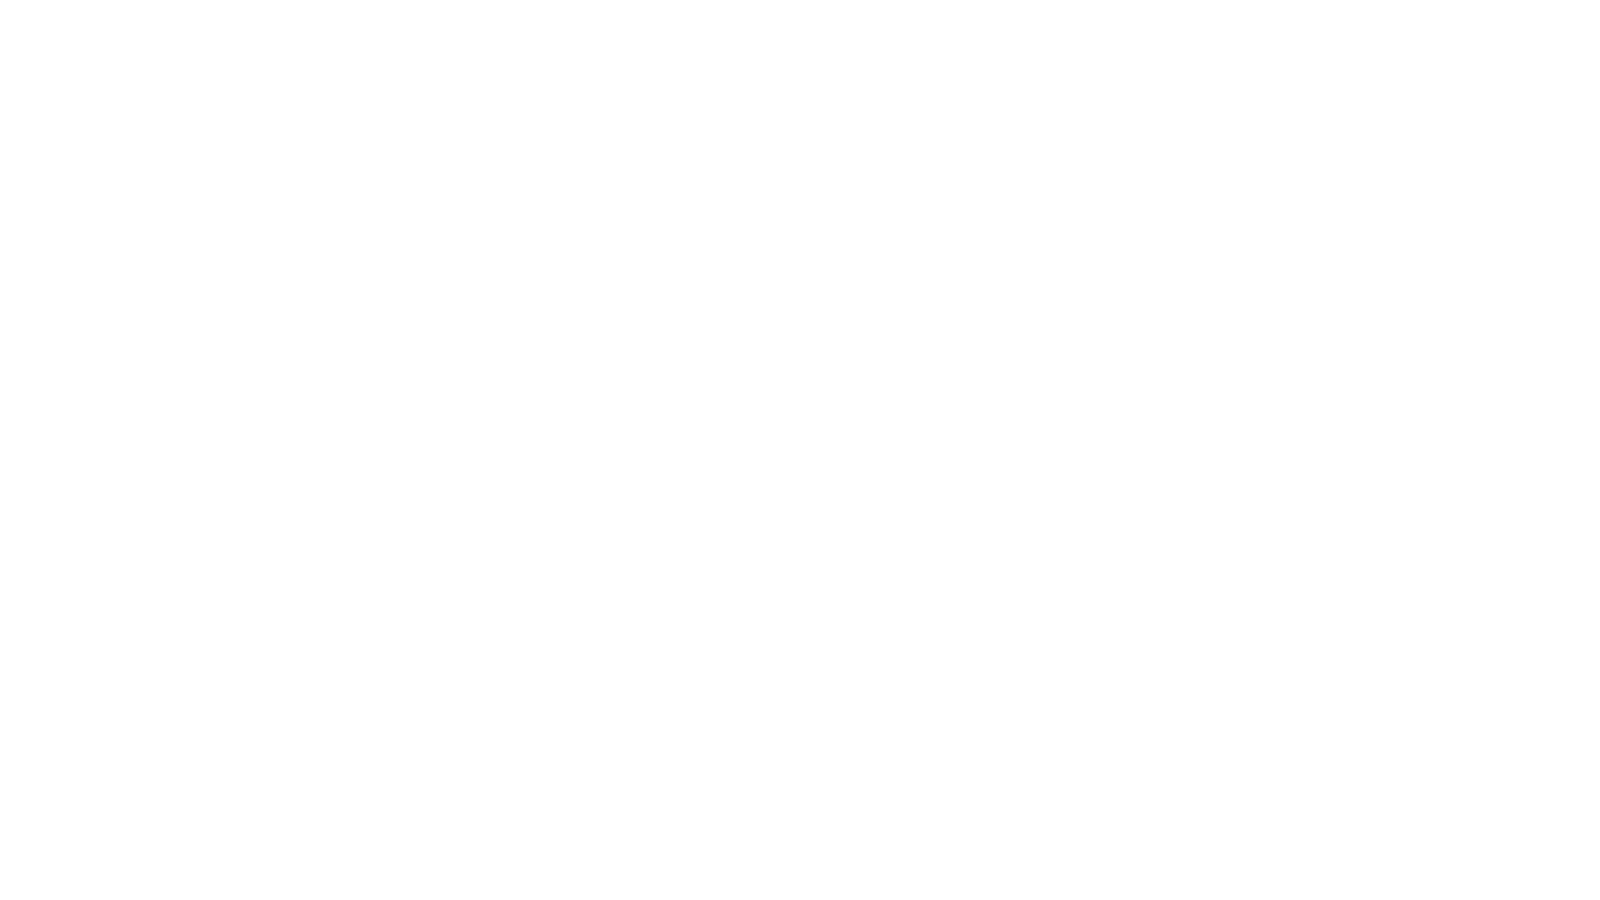 🔥 Đăng ký ngay để nhận thông tin về ưu đãi: http://bit.ly/3l9Lk0z 📞 𝐇𝐨𝐭𝐥𝐢𝐧𝐞: 089.89.20.555 📞 𝗧𝗲𝗹: 02633.799.799 🏔 𝘼𝙙𝙙𝙧𝙚𝙨𝙨: Phân khu chức năng 7 & 8, khu du lịch hồ Tuyền Lâm, phường 3, thành phố Đà Lạt, Lâm Đồng. 📩 𝙀𝙢𝙖𝙞𝙡: resvsrty@swiss-belhotel.com. 🌎 𝙒𝙚𝙗𝙨𝙞𝙩𝙚: https://samtuyenlamhotel.com.vn